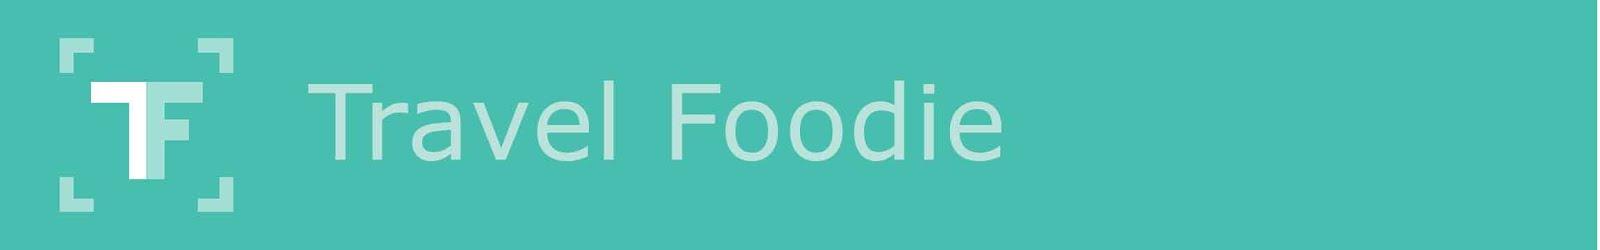 Travel Foodie